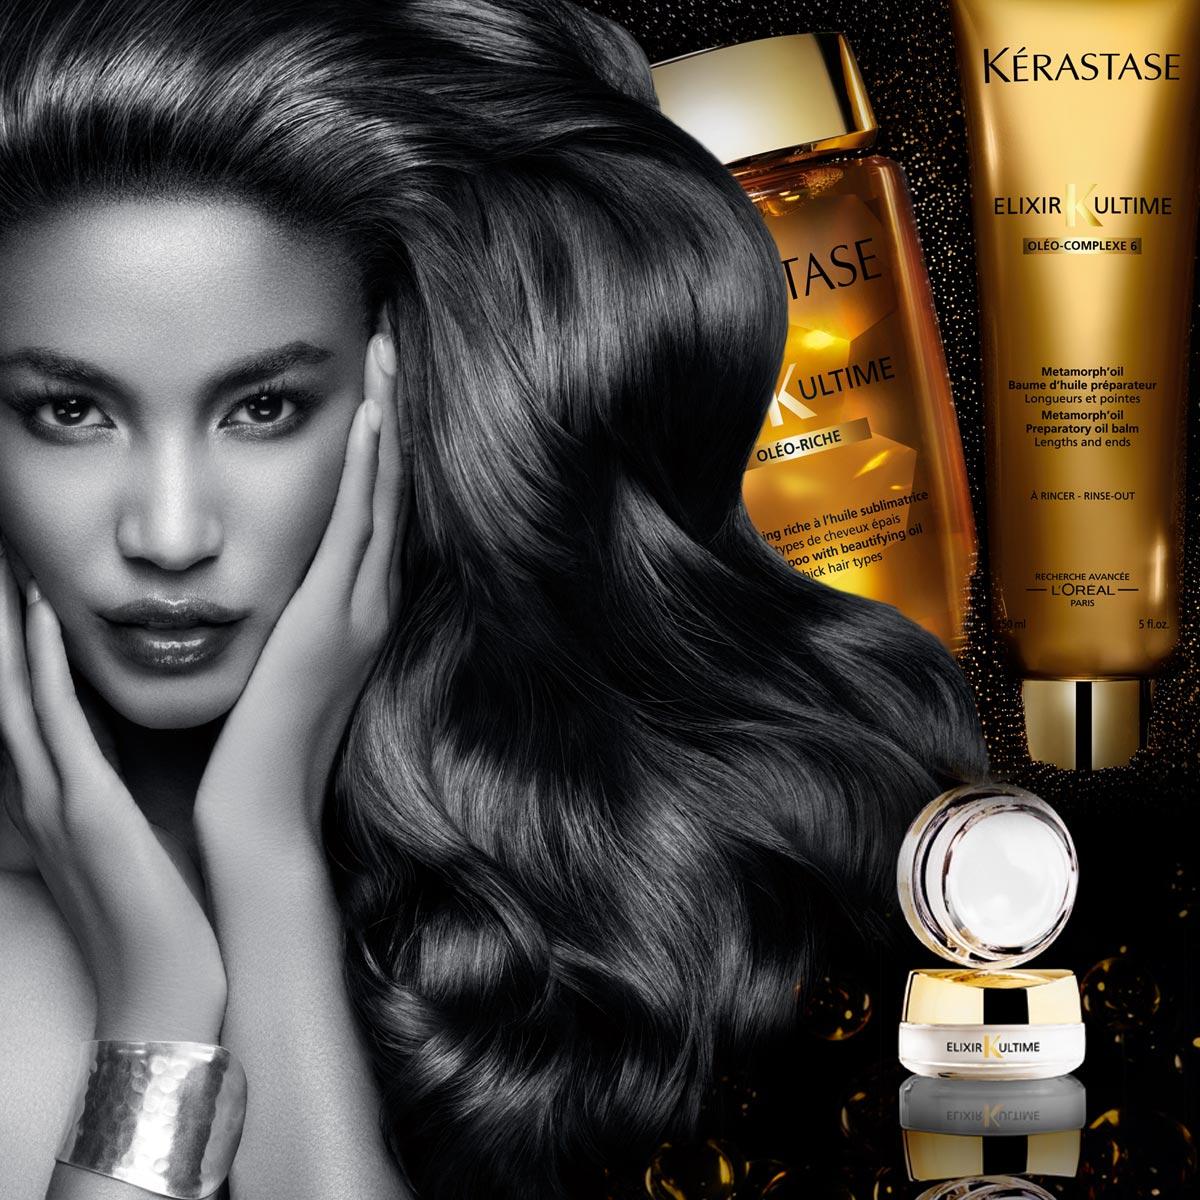 Sérum Solide je nový elixír na vlasy od Kérastase do každej kabelky. 15 vzácnych olejov v tuhej podobe kedykoľvek počas dňa pomôže vašim vlasom.